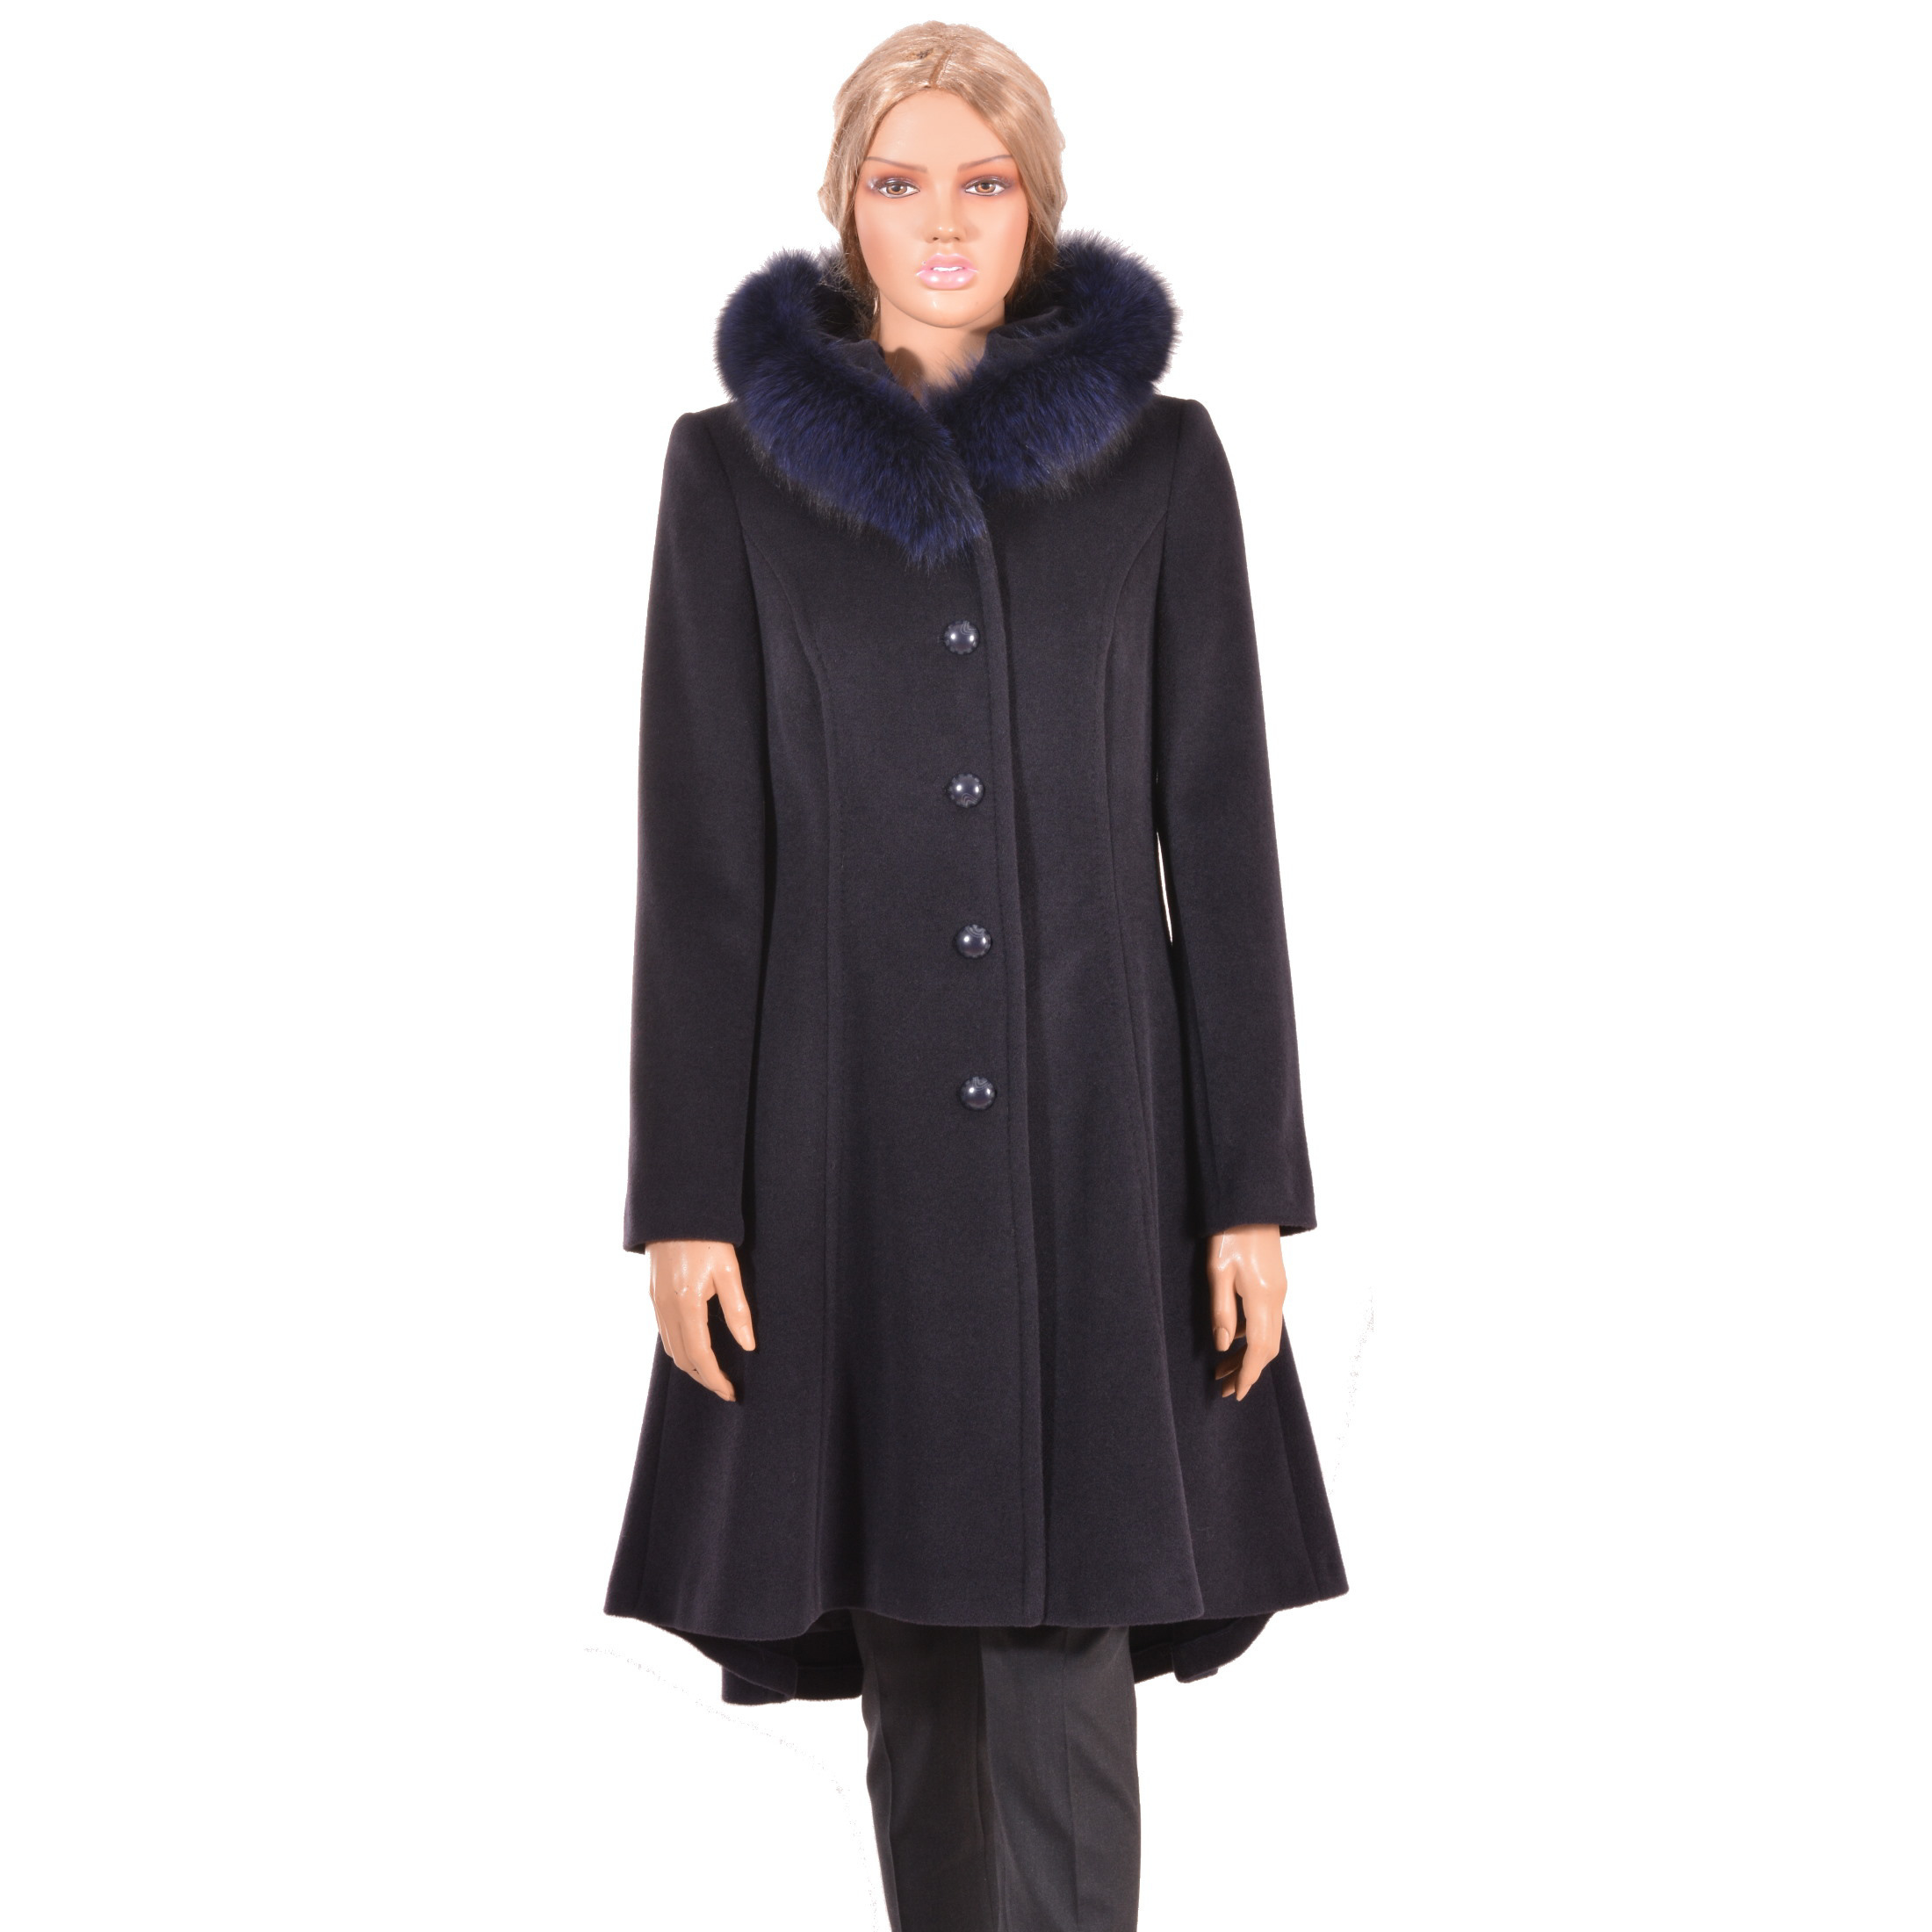 wool coat with fur and hood, plavi kaput s kapuljačom lady m